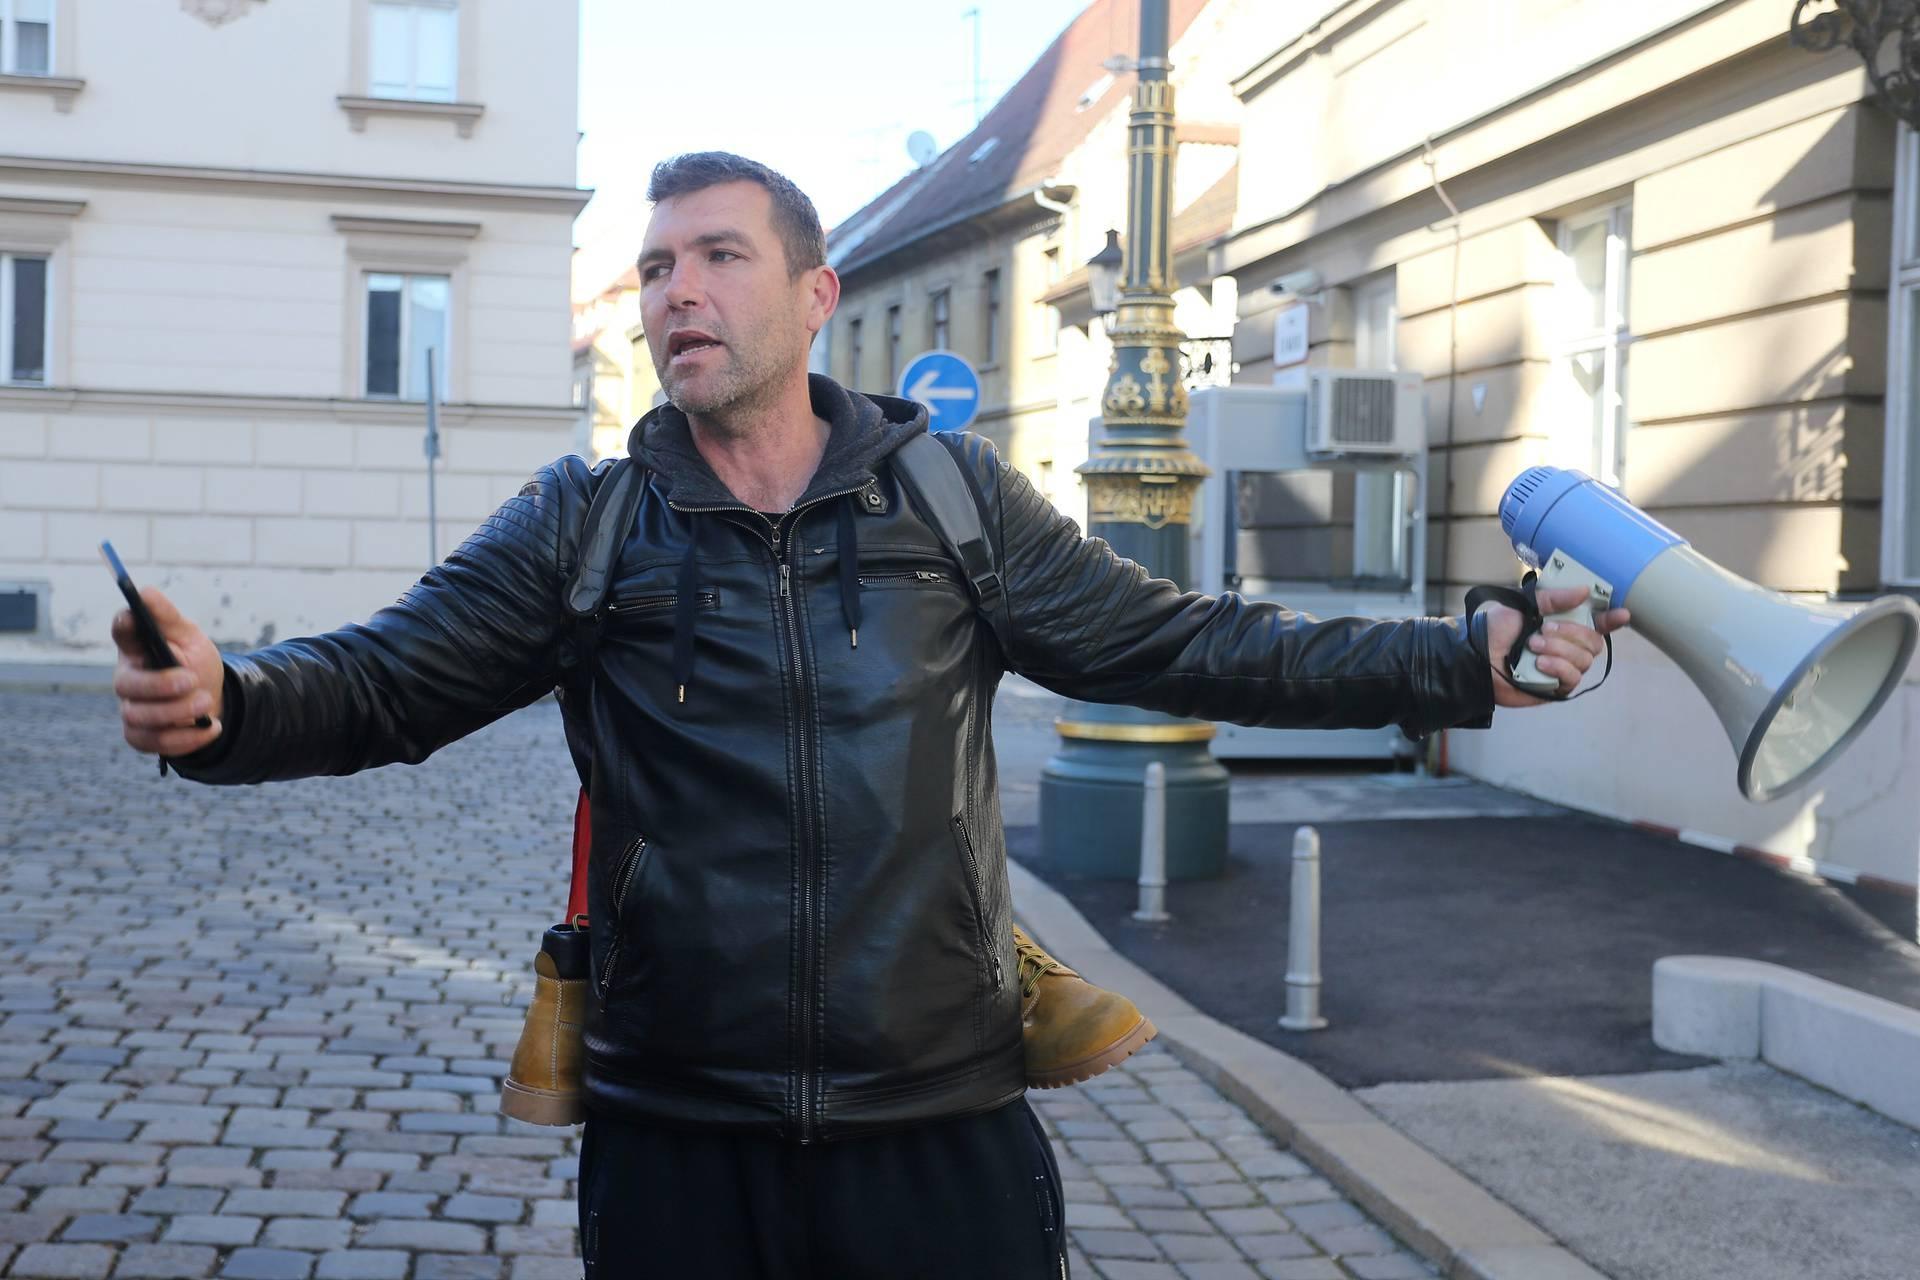 Zagreb: Ivo Matičević prosvjedovao je pred zgradom Hrvatskog sabora